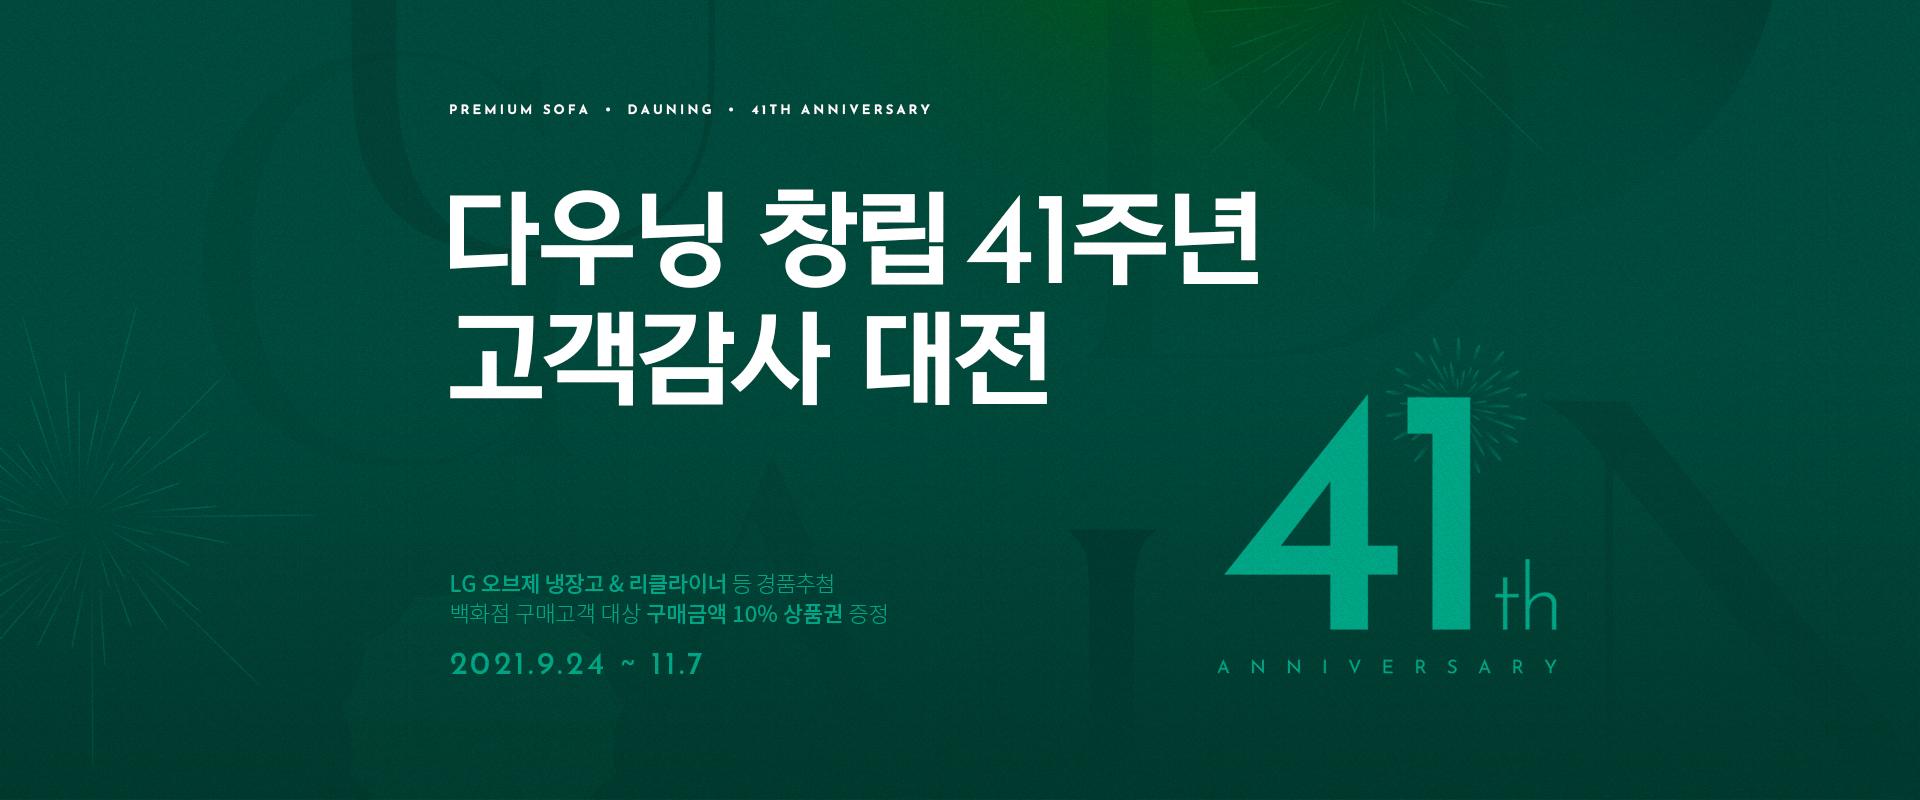 창립41주년 고객감사 대전